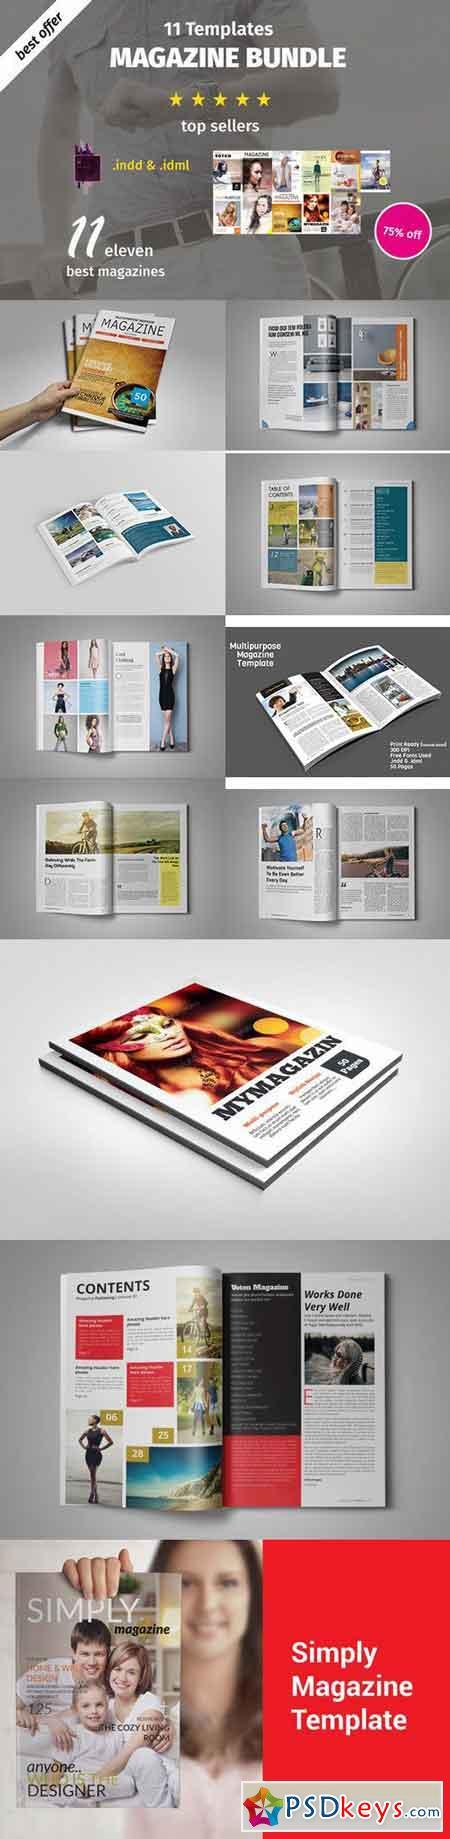 Bundle 11 Magazines 656998